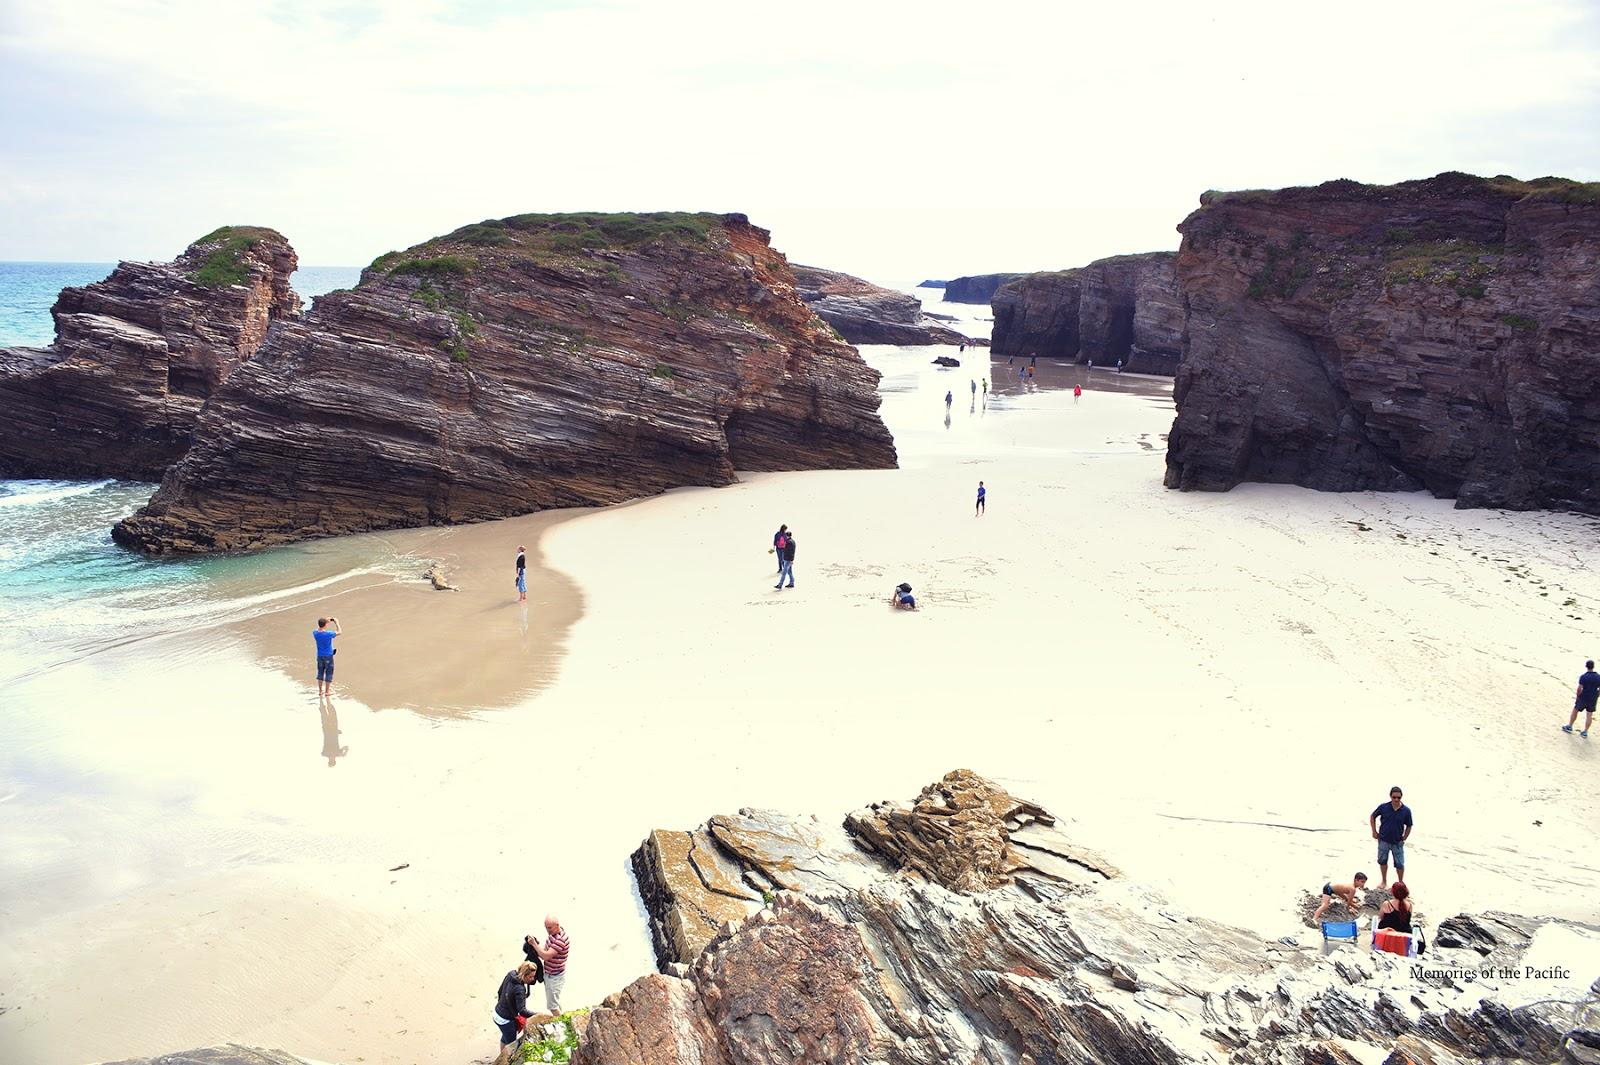 galicia españa spain playa de las catedrales beach of the cathedrals